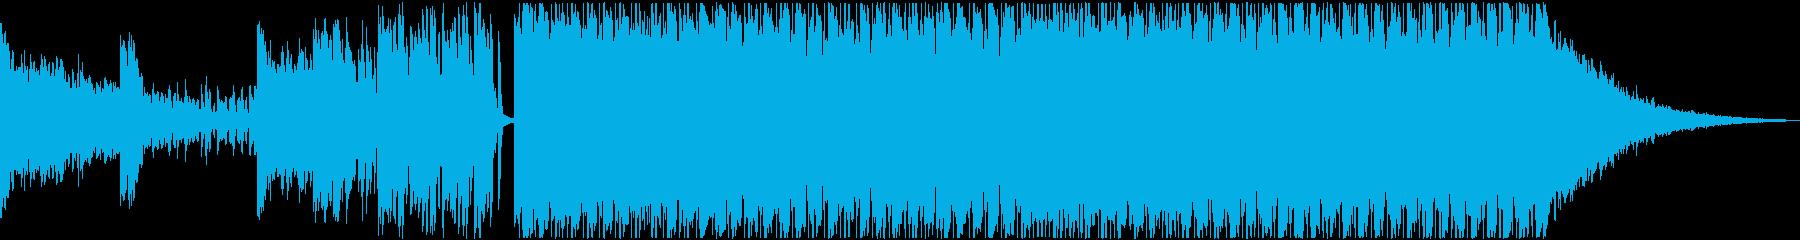 登場&入場シーン、サイケデリックトランスの再生済みの波形